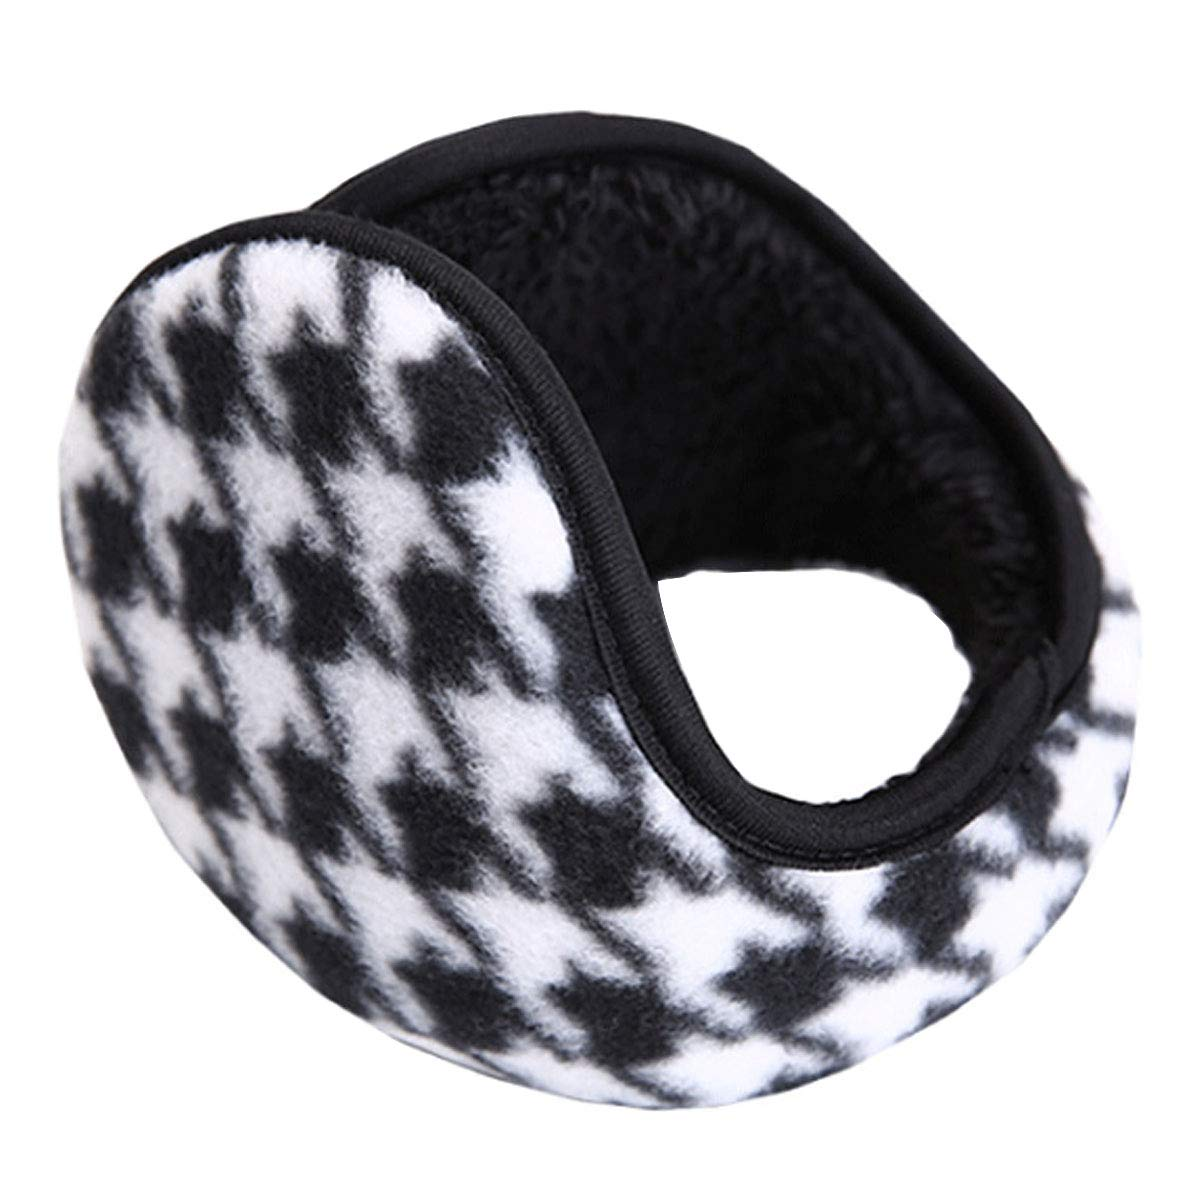 Mily Unisex Earmuffs Winter Warm Earmuffs Classic Plush Ear Warmer Aisi ez-03092-03S